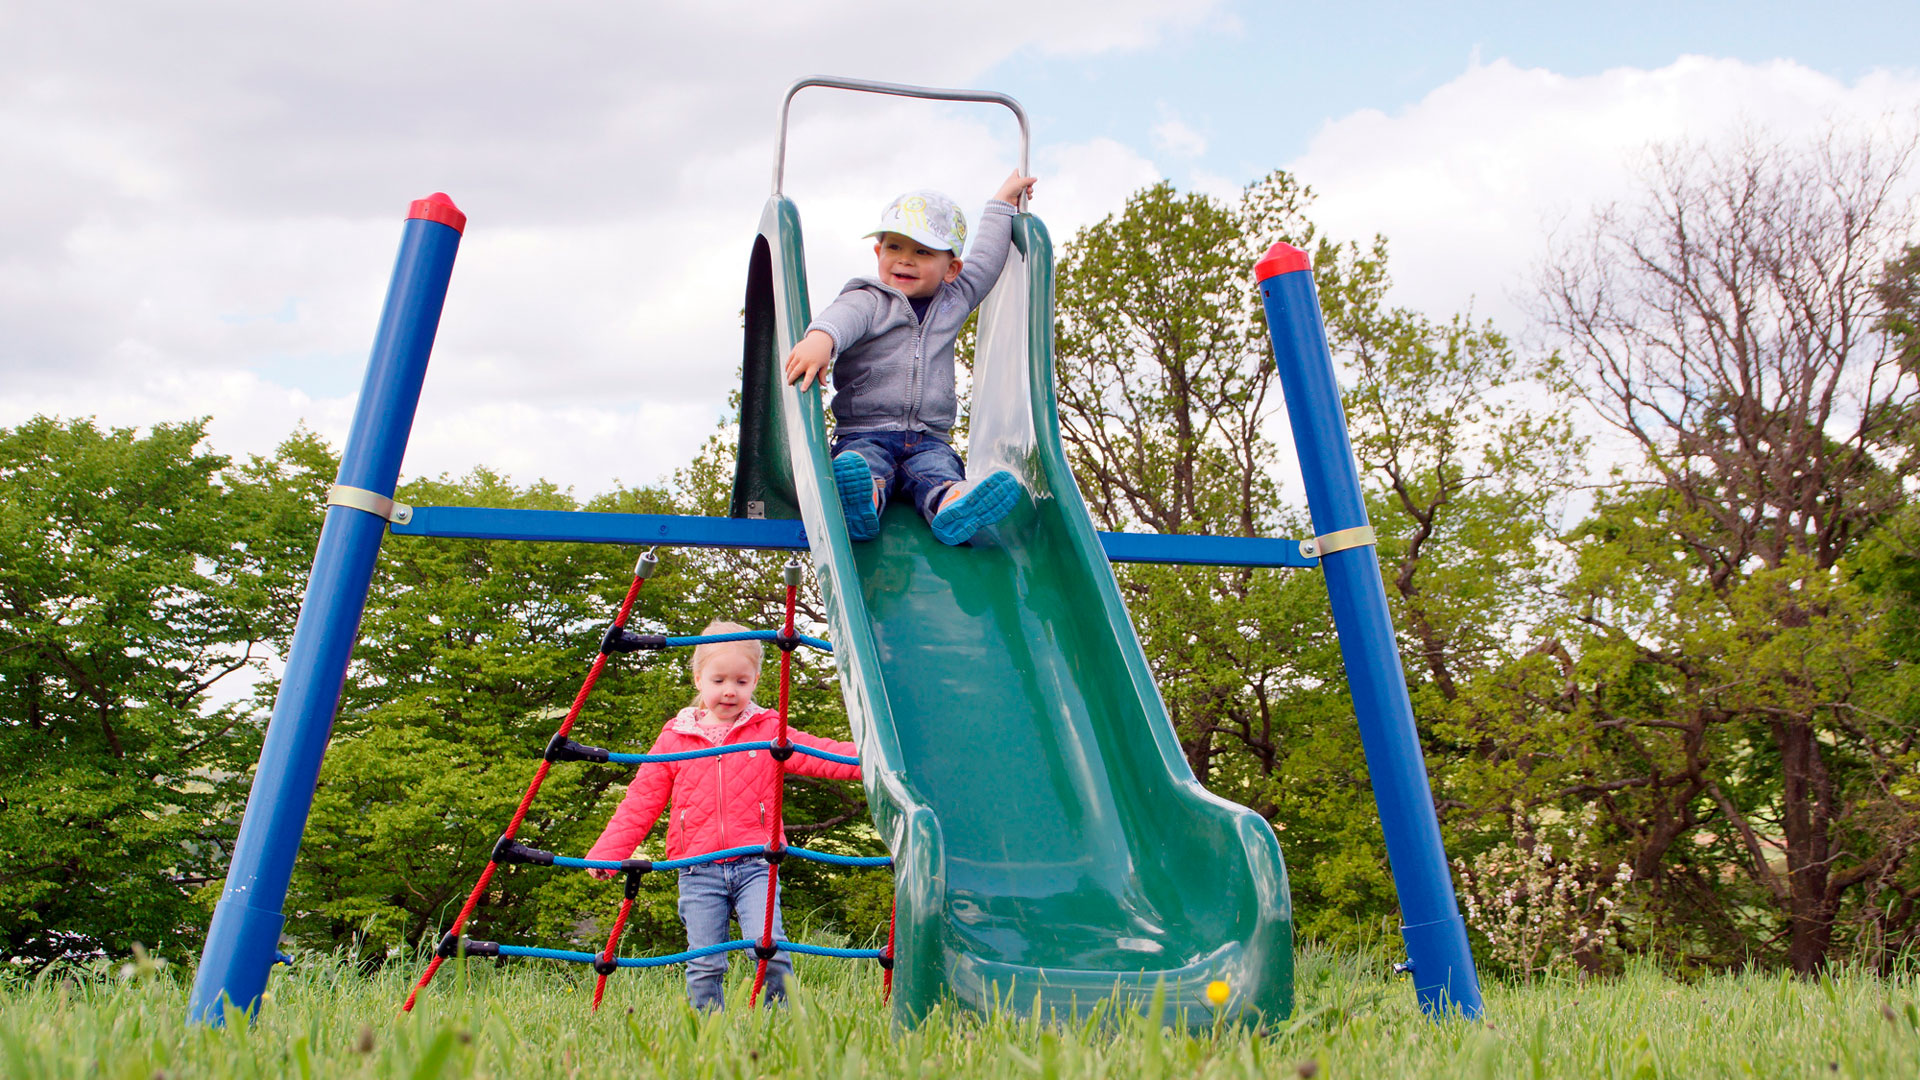 Kinder brauchen altersgerechte Spielplätze